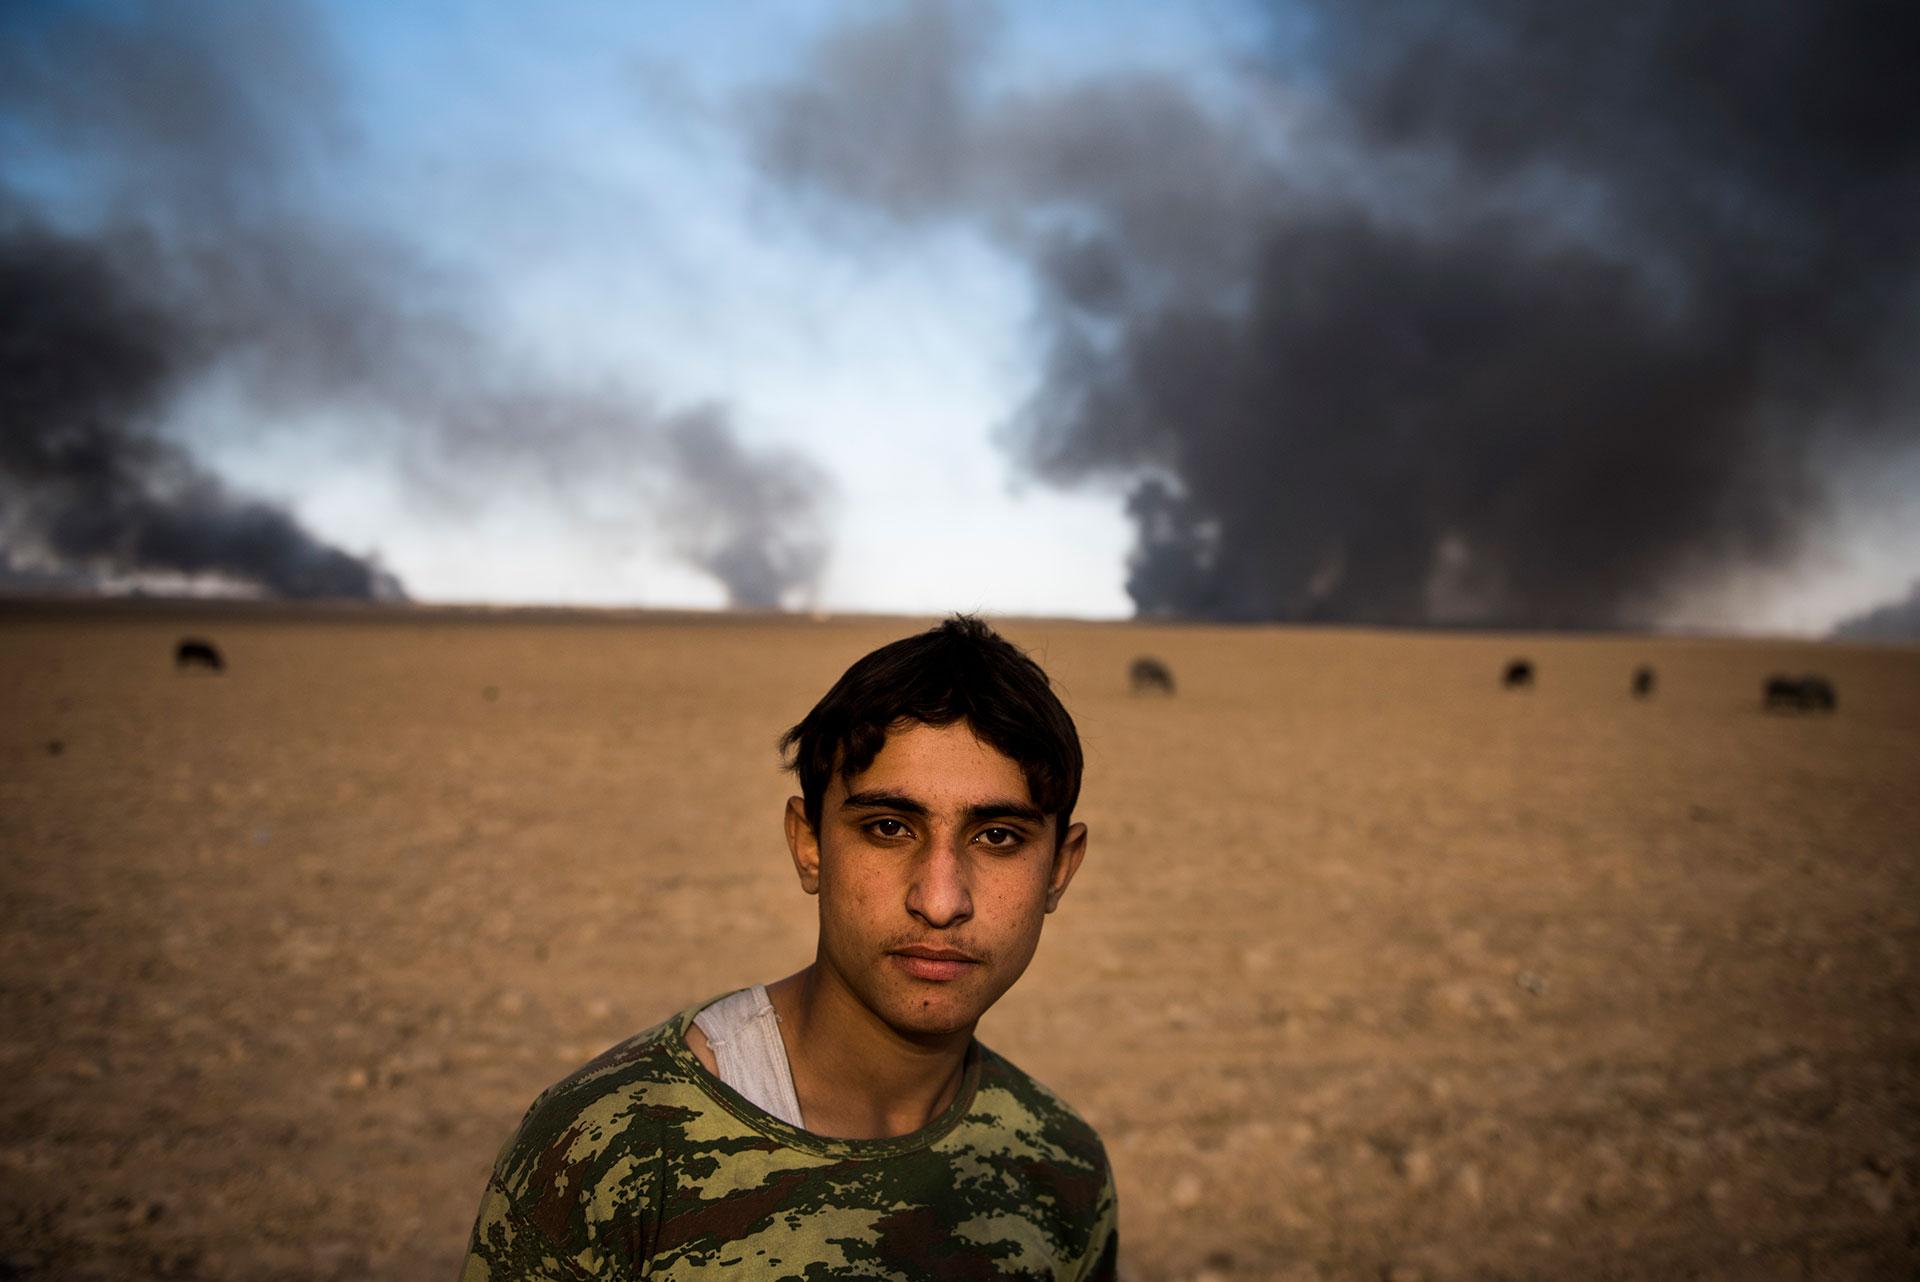 La población se ve afectada por la nube tóxica que liberan los pozos en llamas (AFP)